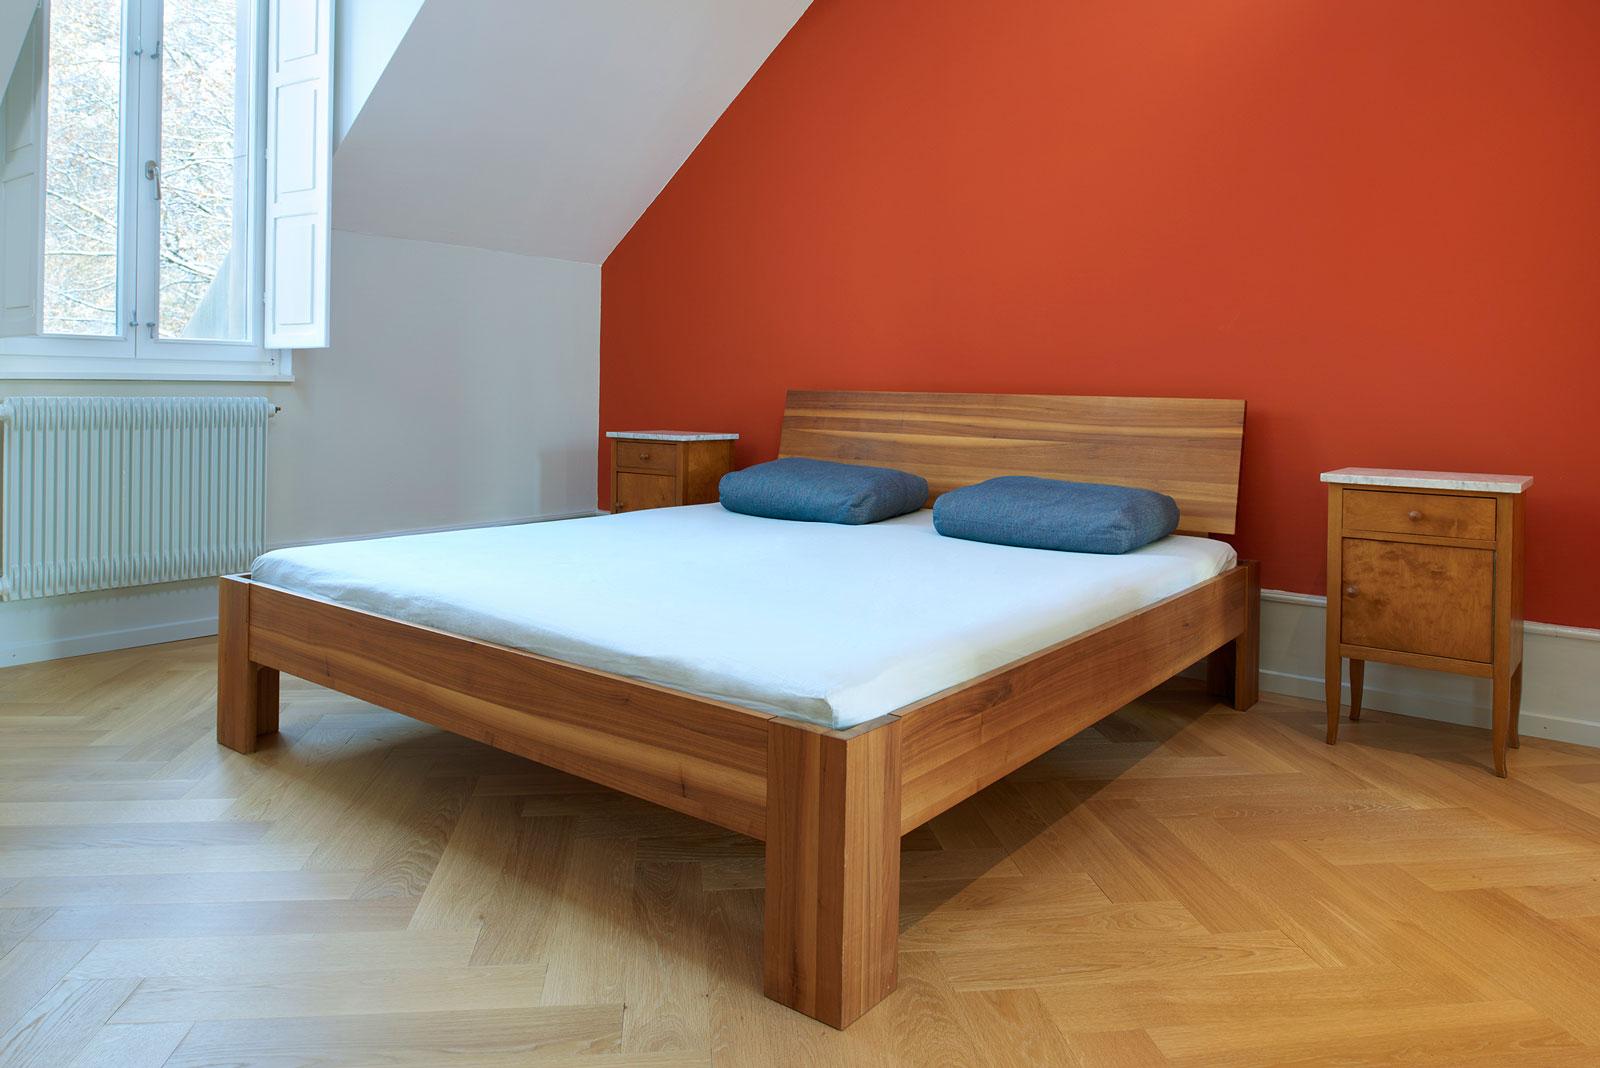 Bett in Nussbaum massiv; Design Schreiner König, Foto Alain Bucher